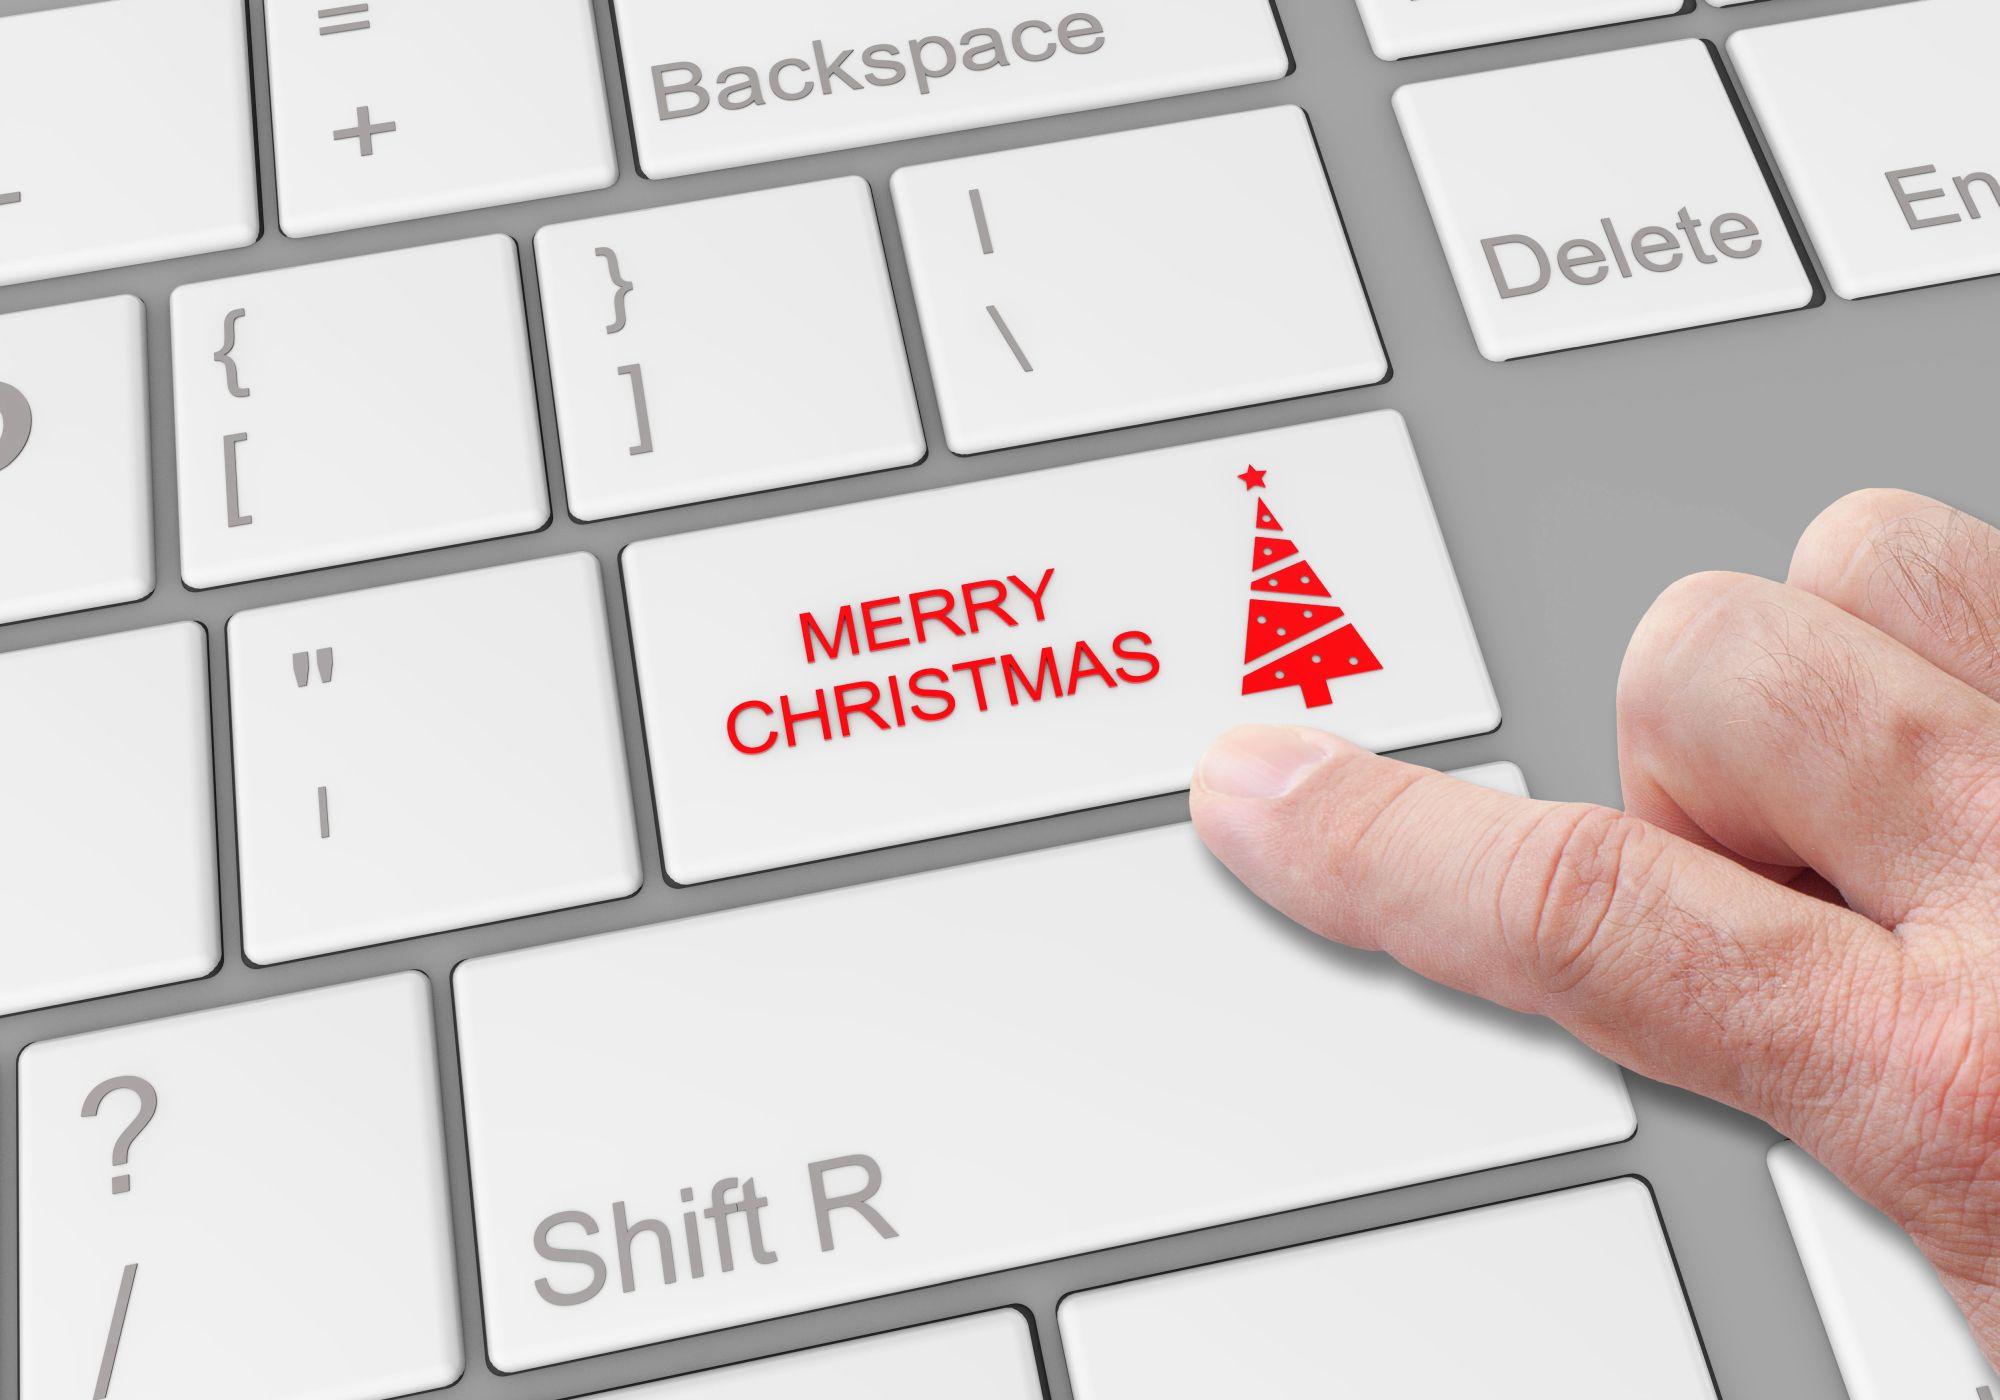 Különleges karácsonyi gomb billentyűzeten